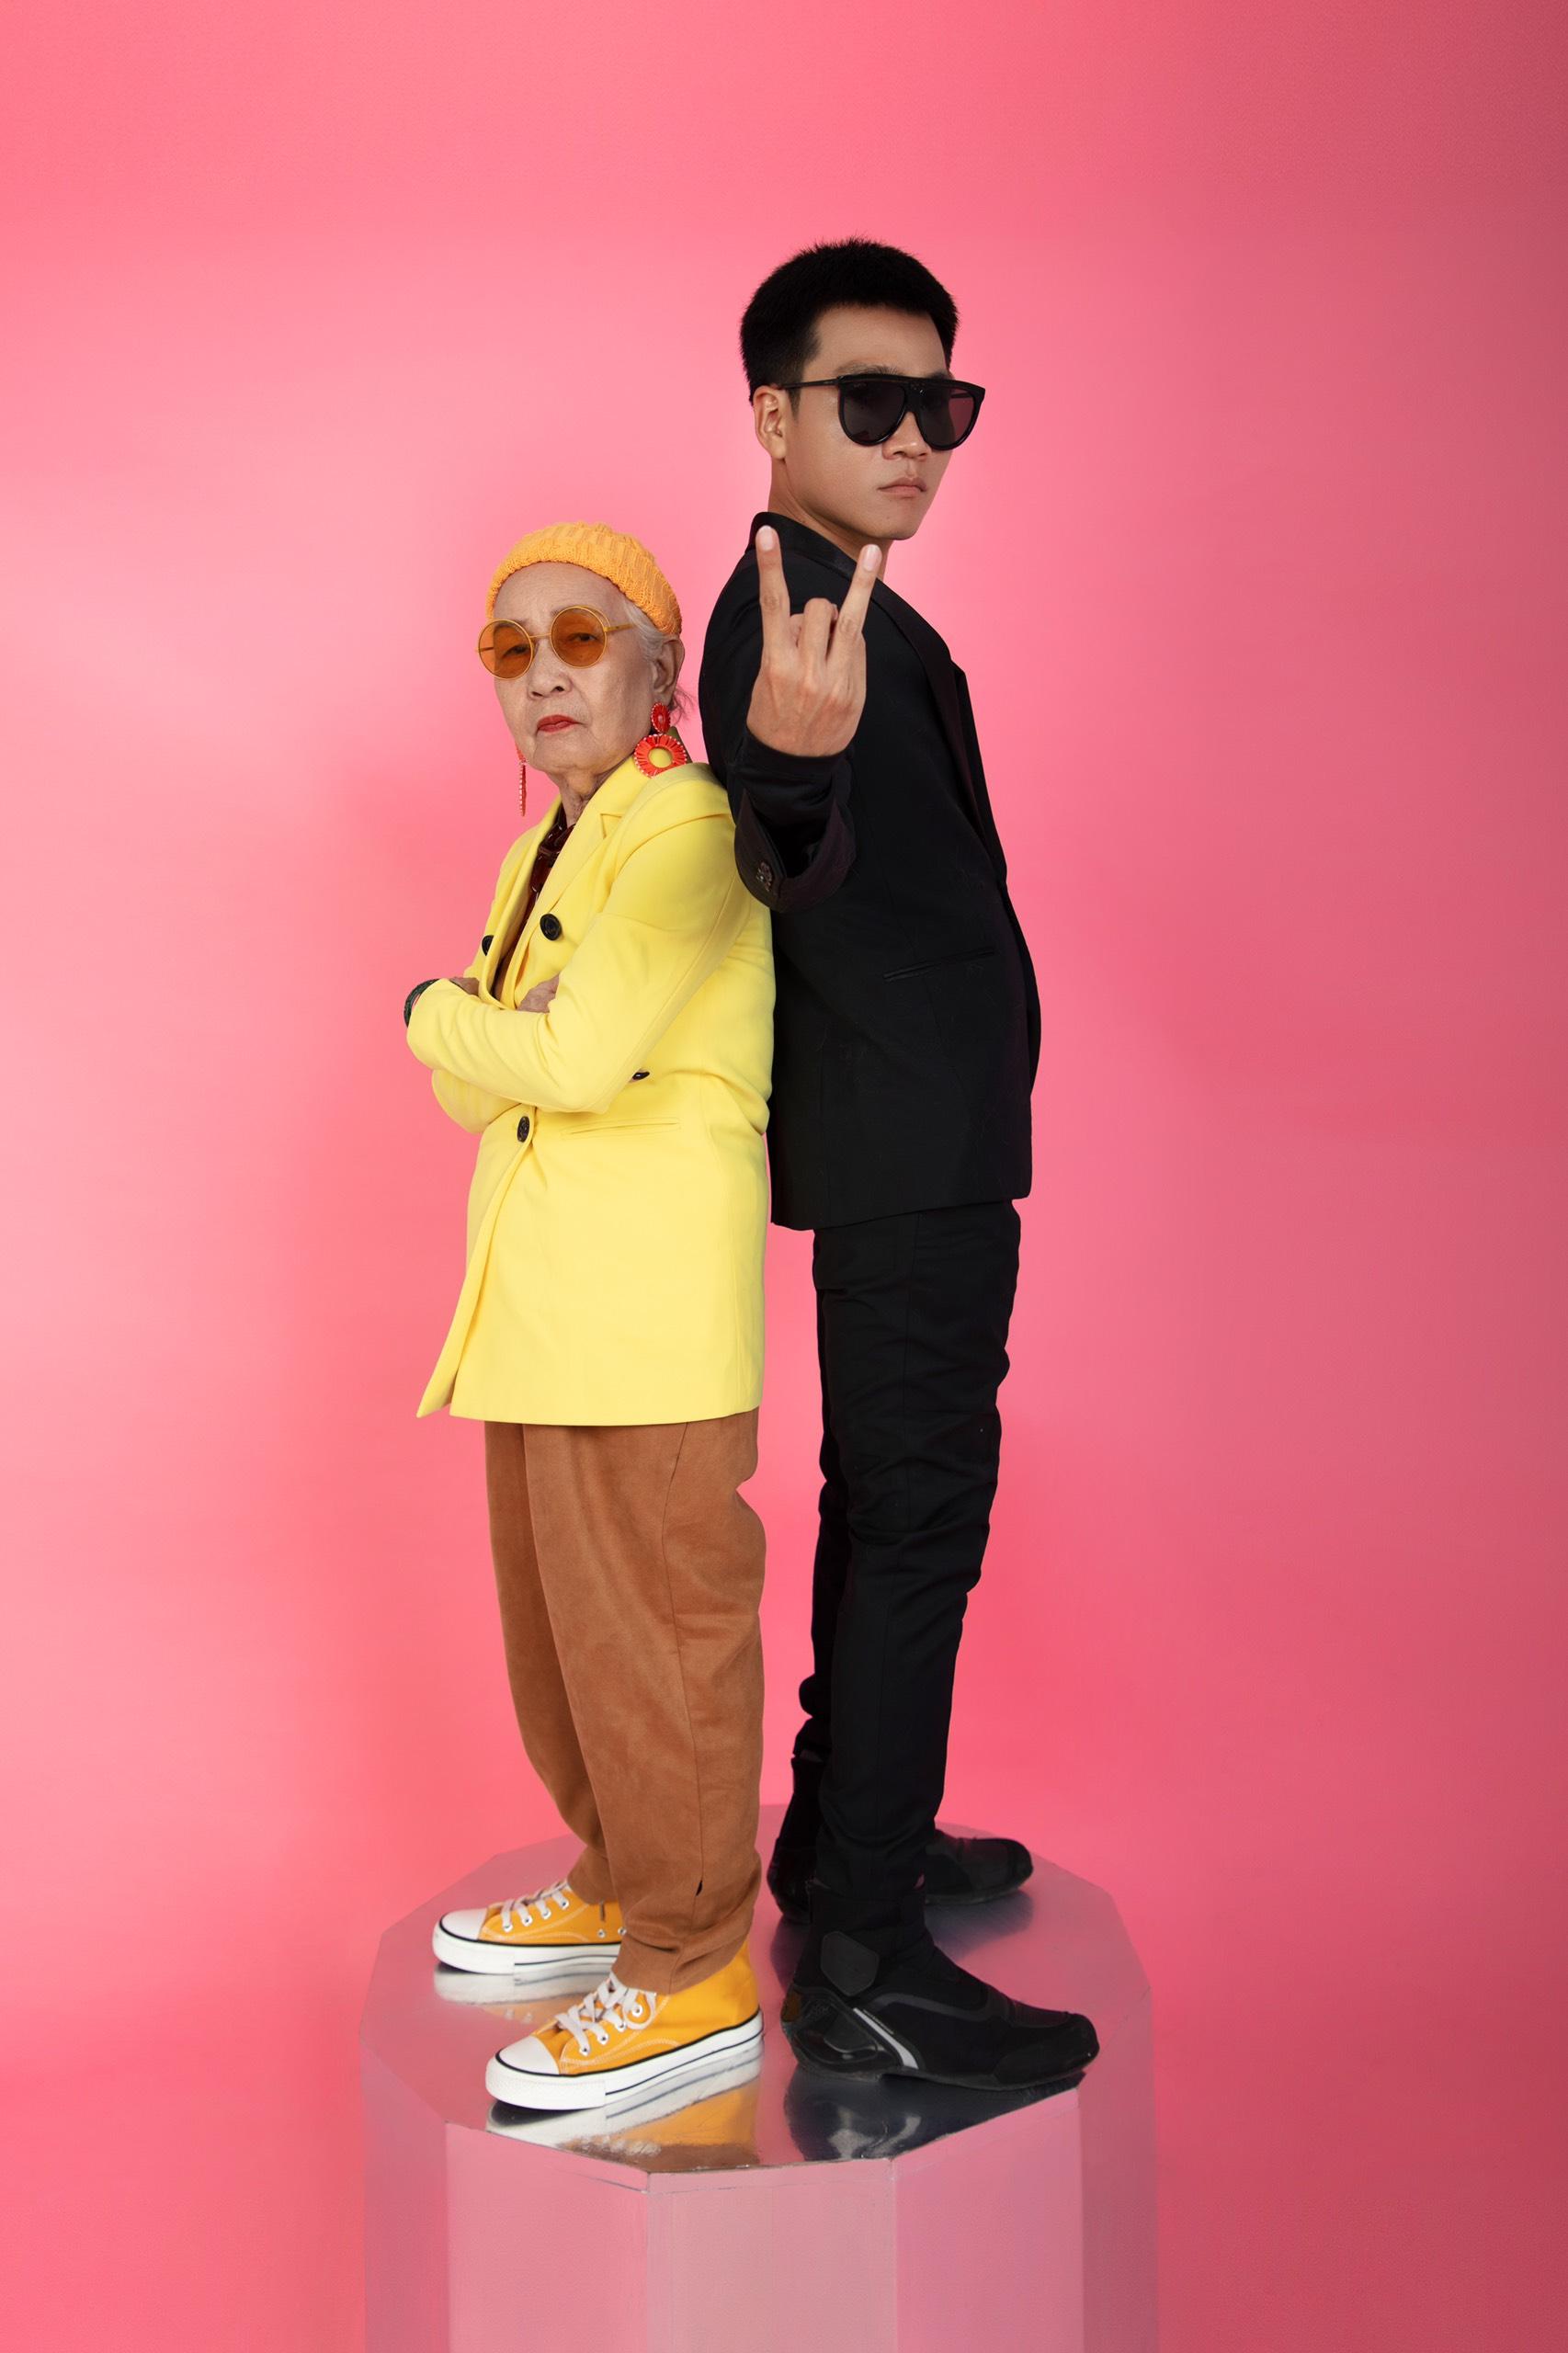 1. Wowy và bà Ngoại11 Rapper Wowy lu mờ khi chụp ảnh cùng bà ngoại U80 siêu ngầu